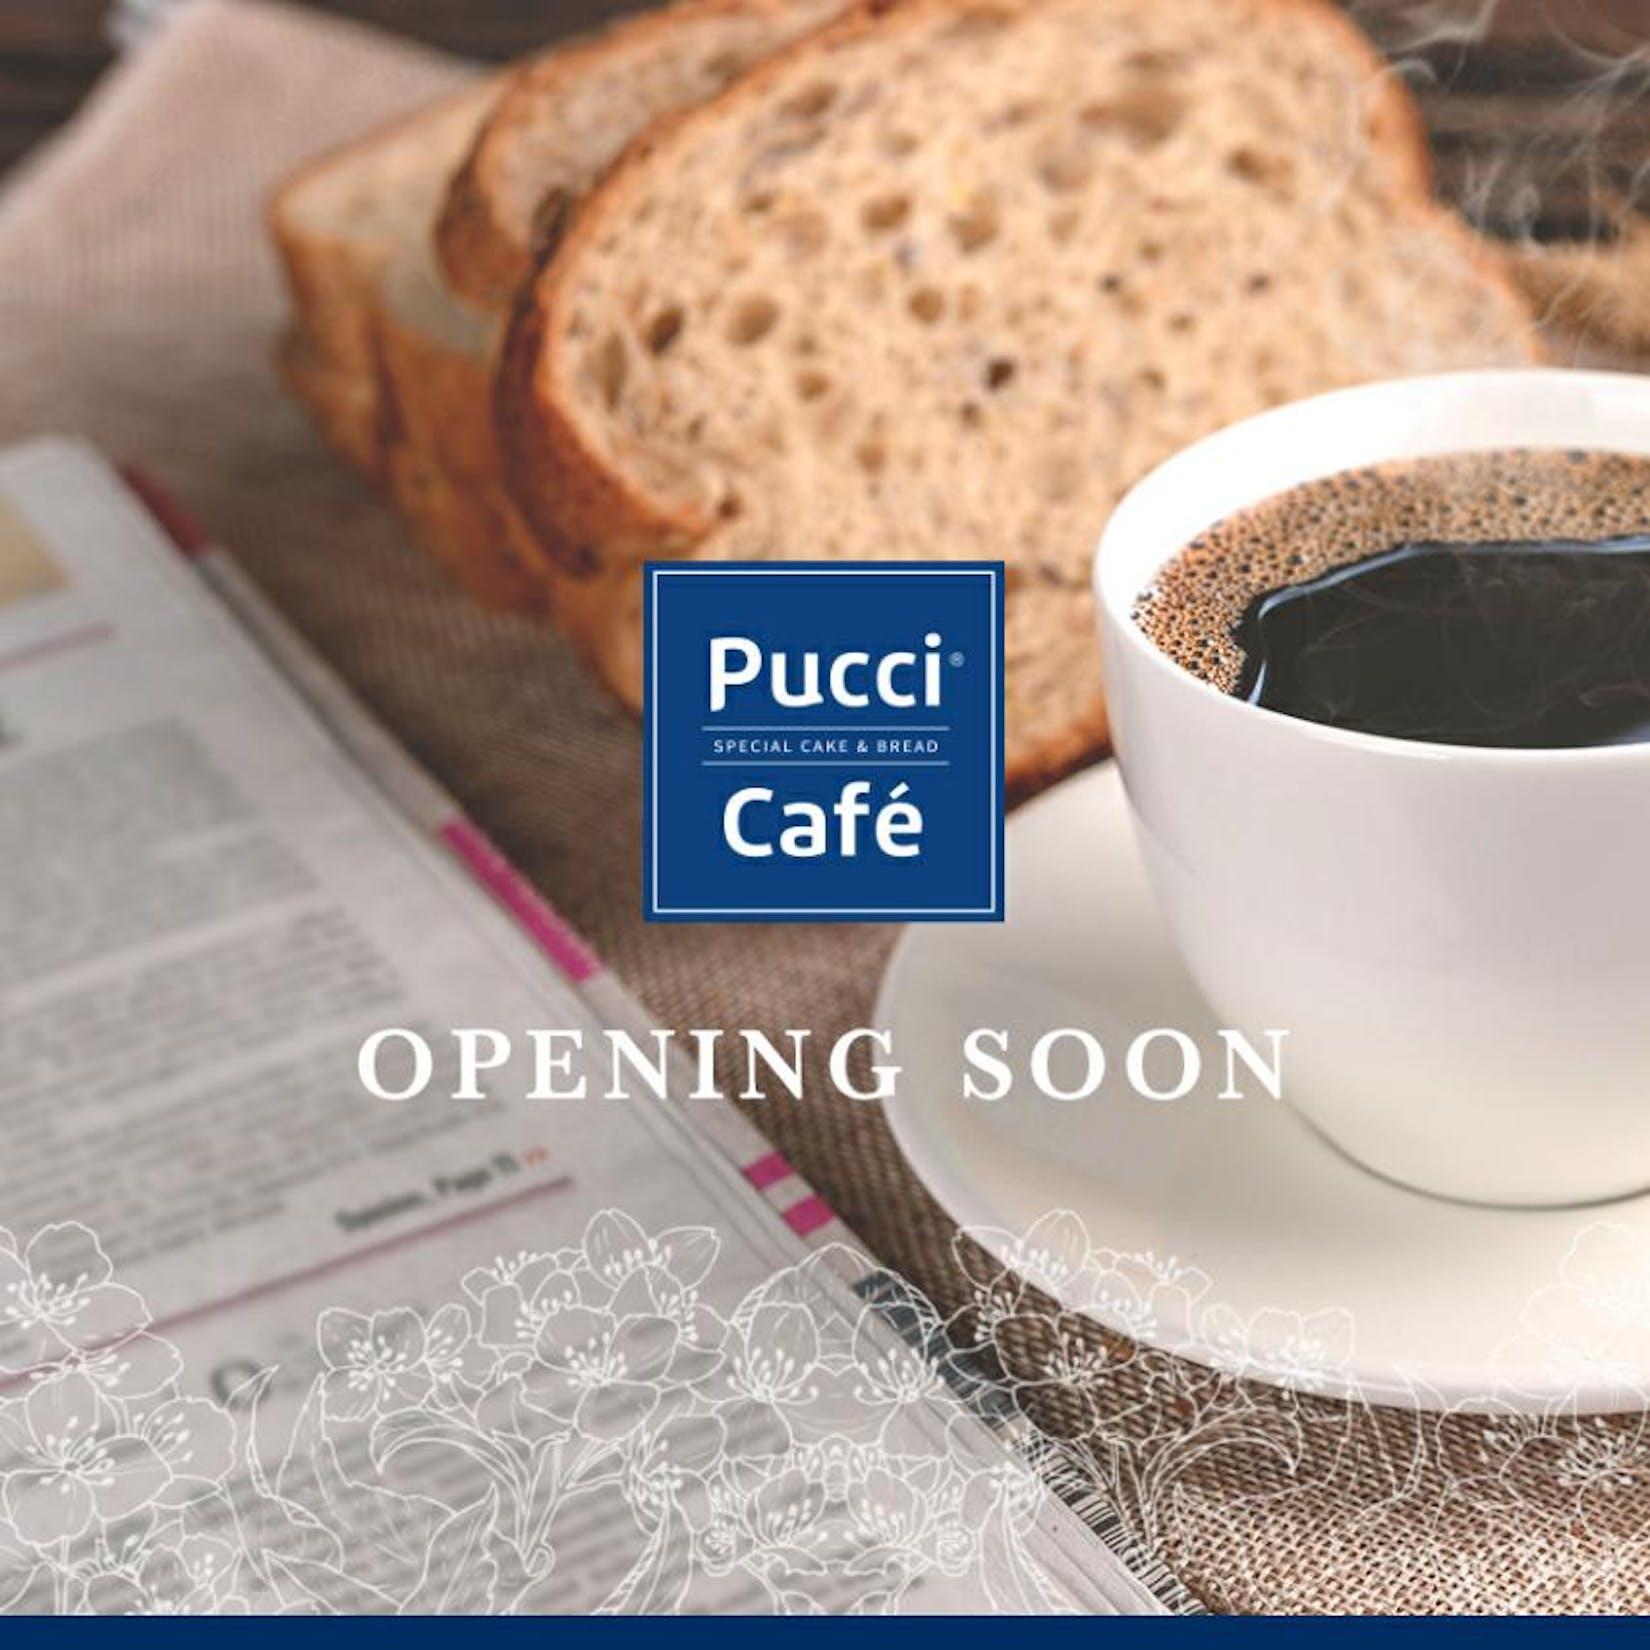 Pucci Cafe | yathar